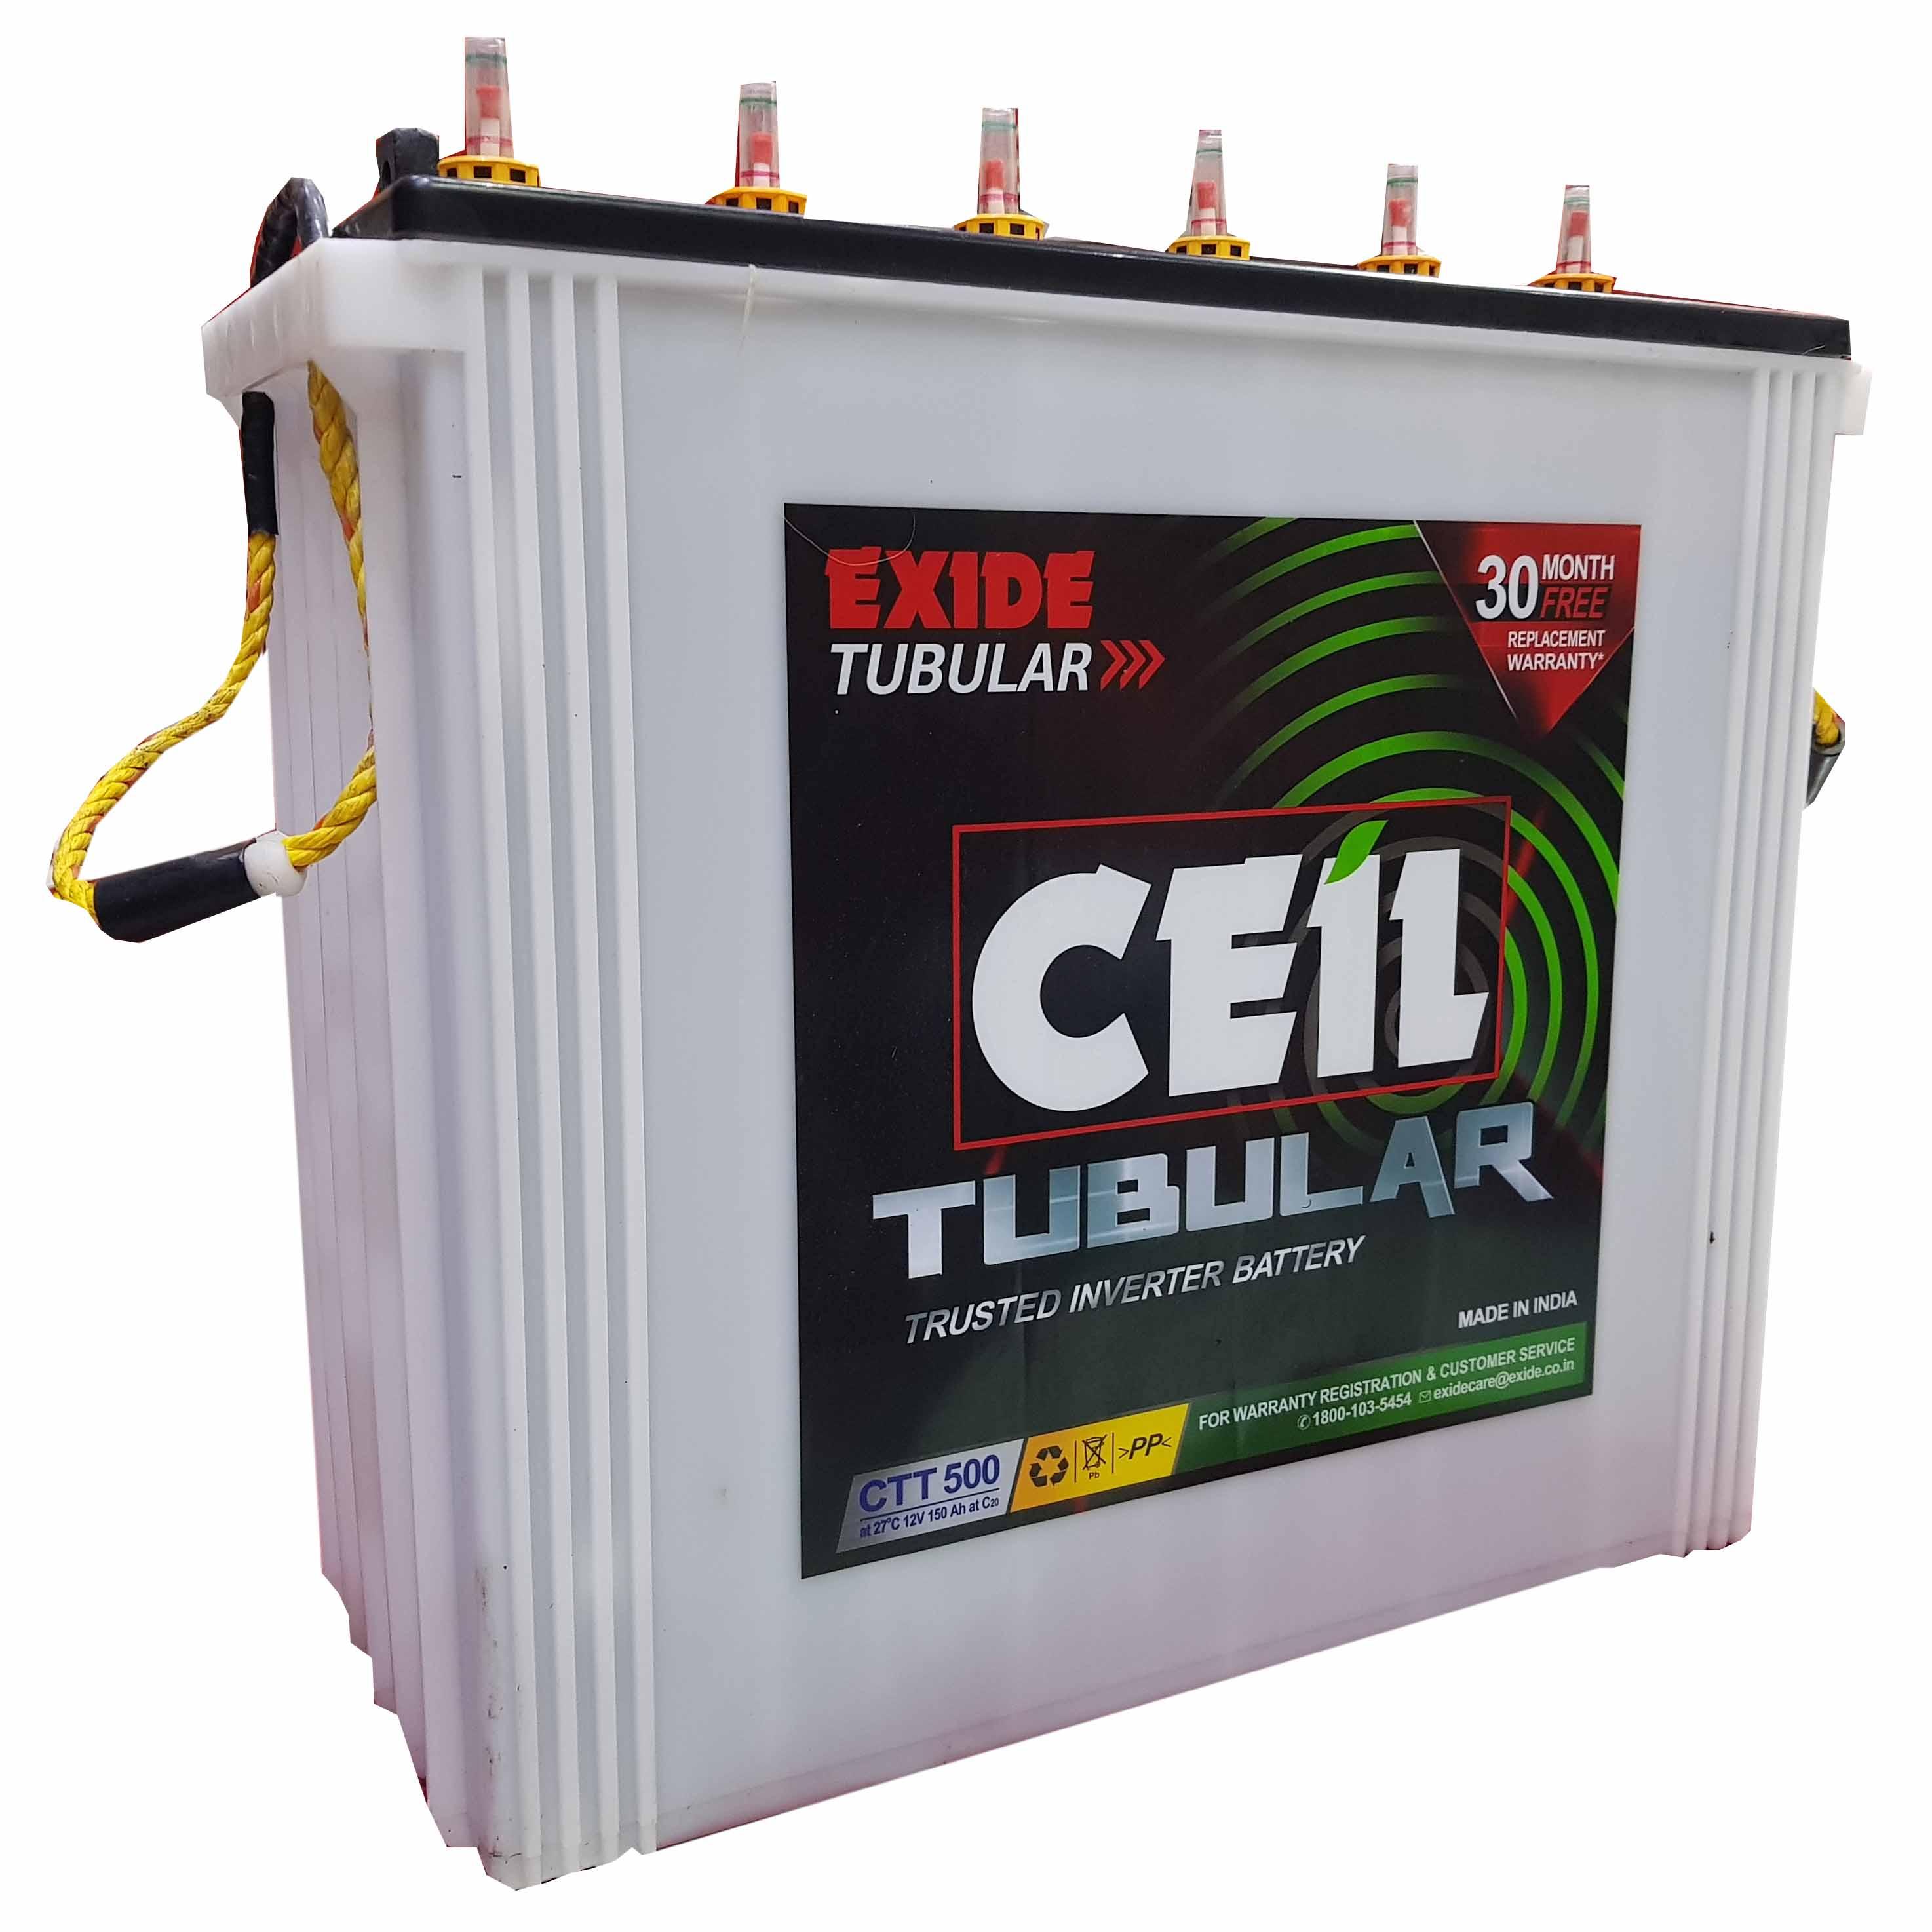 Exide Ceil Tubular inverter Battery